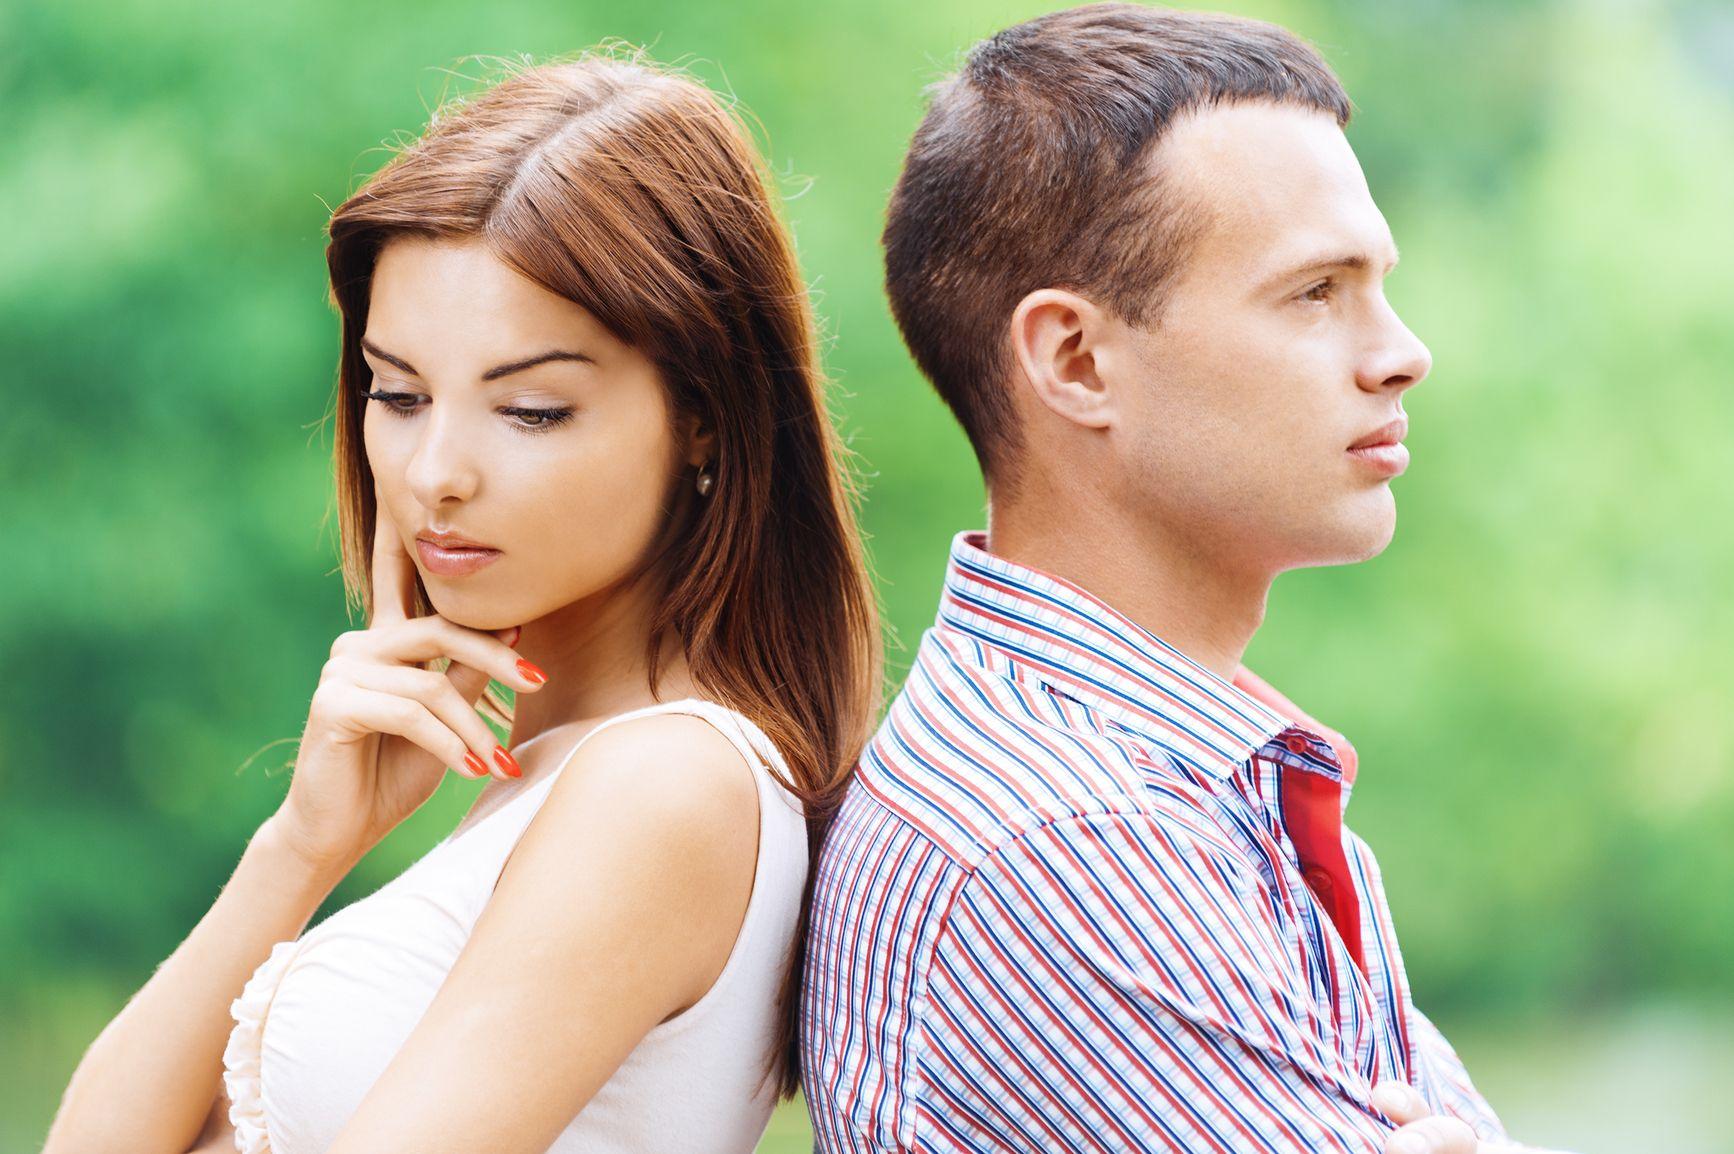 характеристики картинки жизнь без мужчины идеальны для